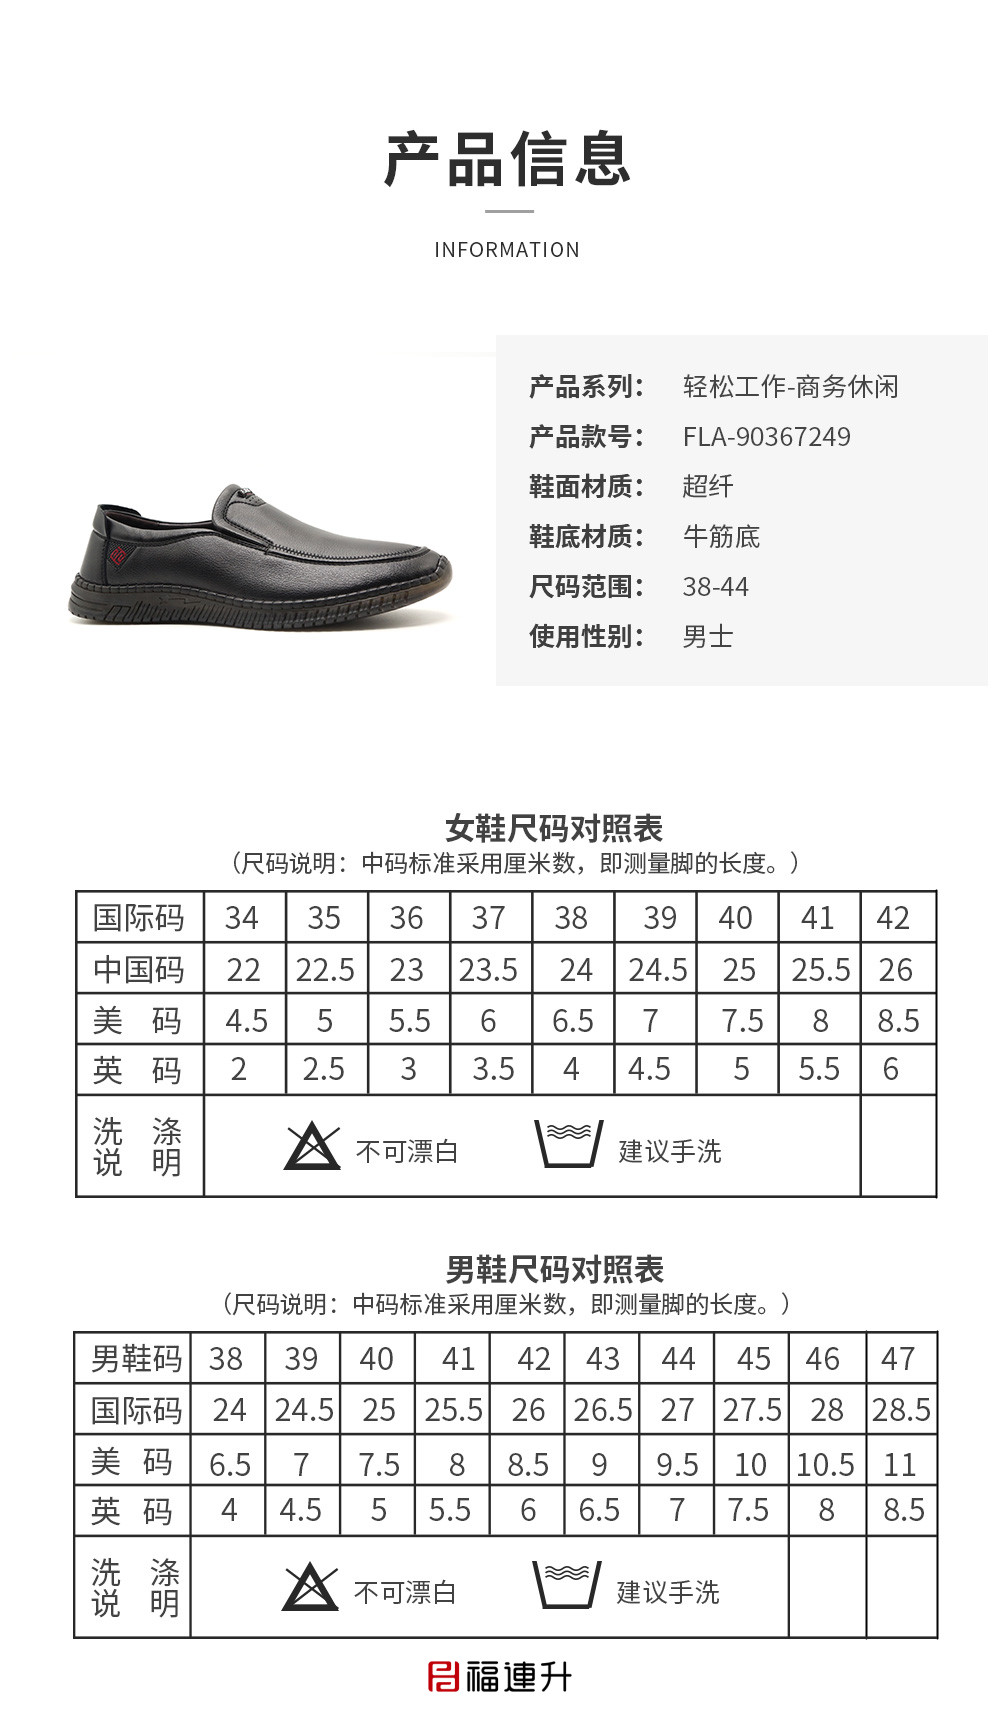 福连升男士商务休闲鞋牛筋软底棉麻内里爸爸鞋图片